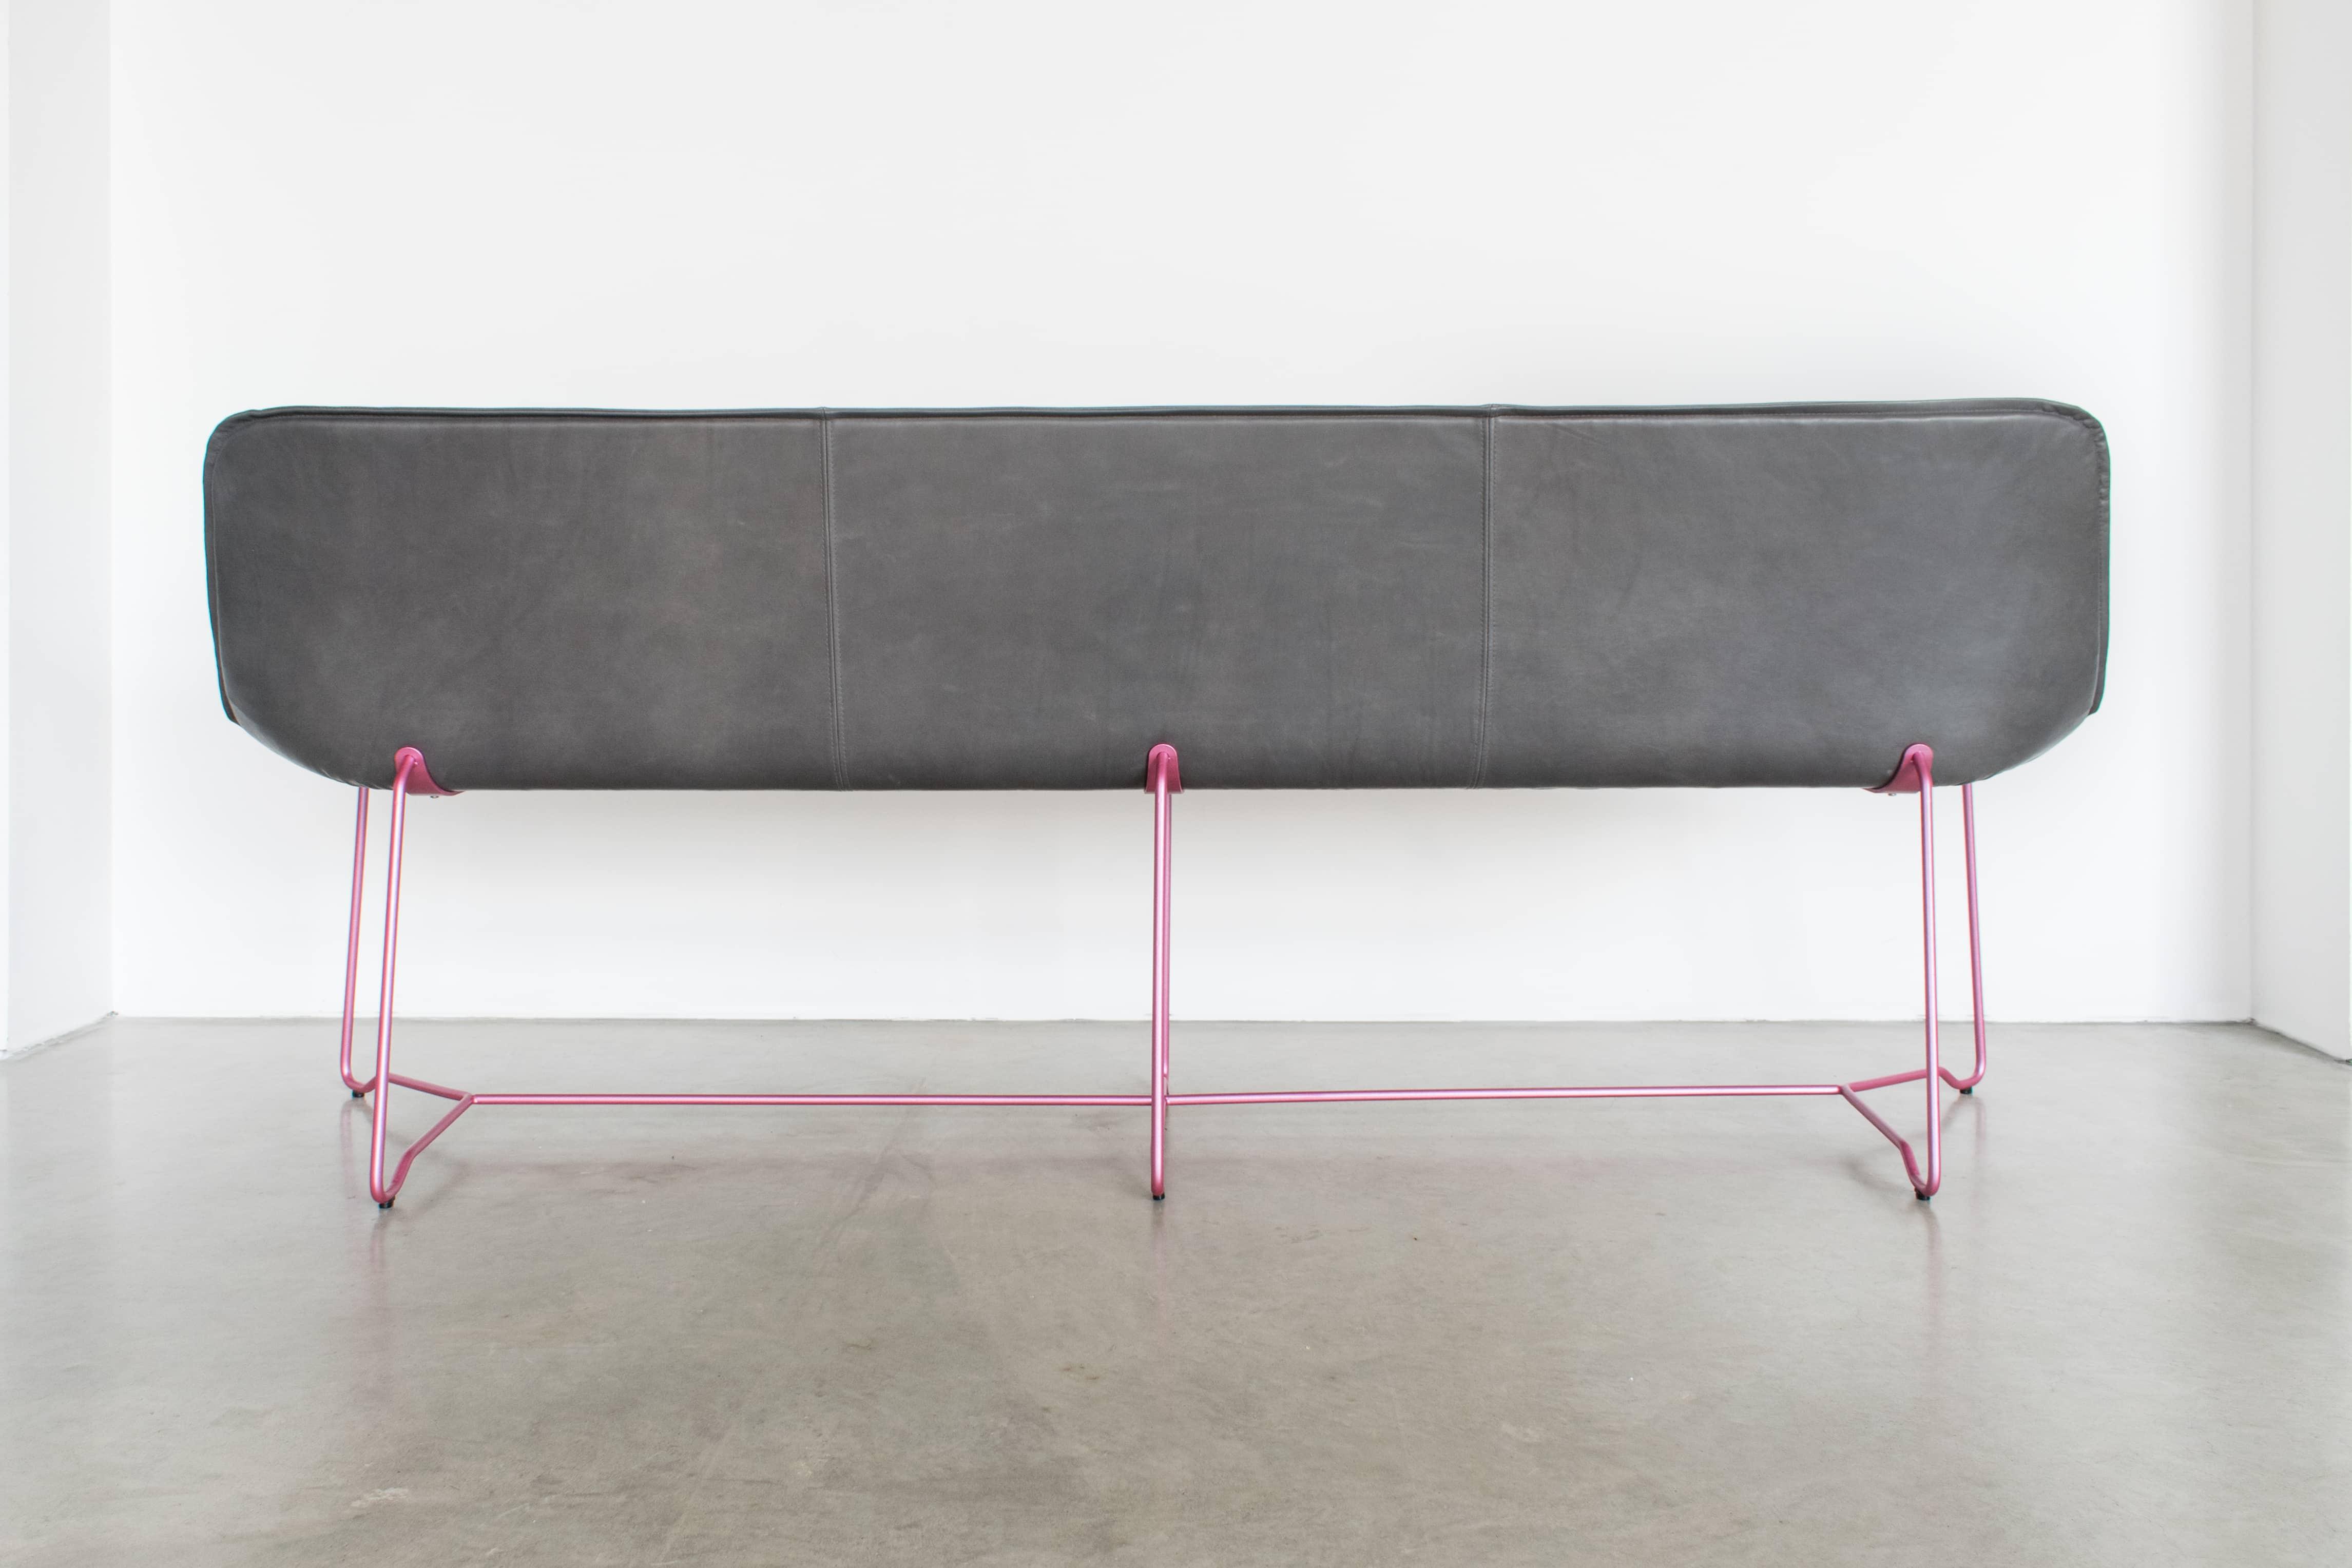 MBzwo Design Leder Bank in grau und pink, Designer Bank online kaufen